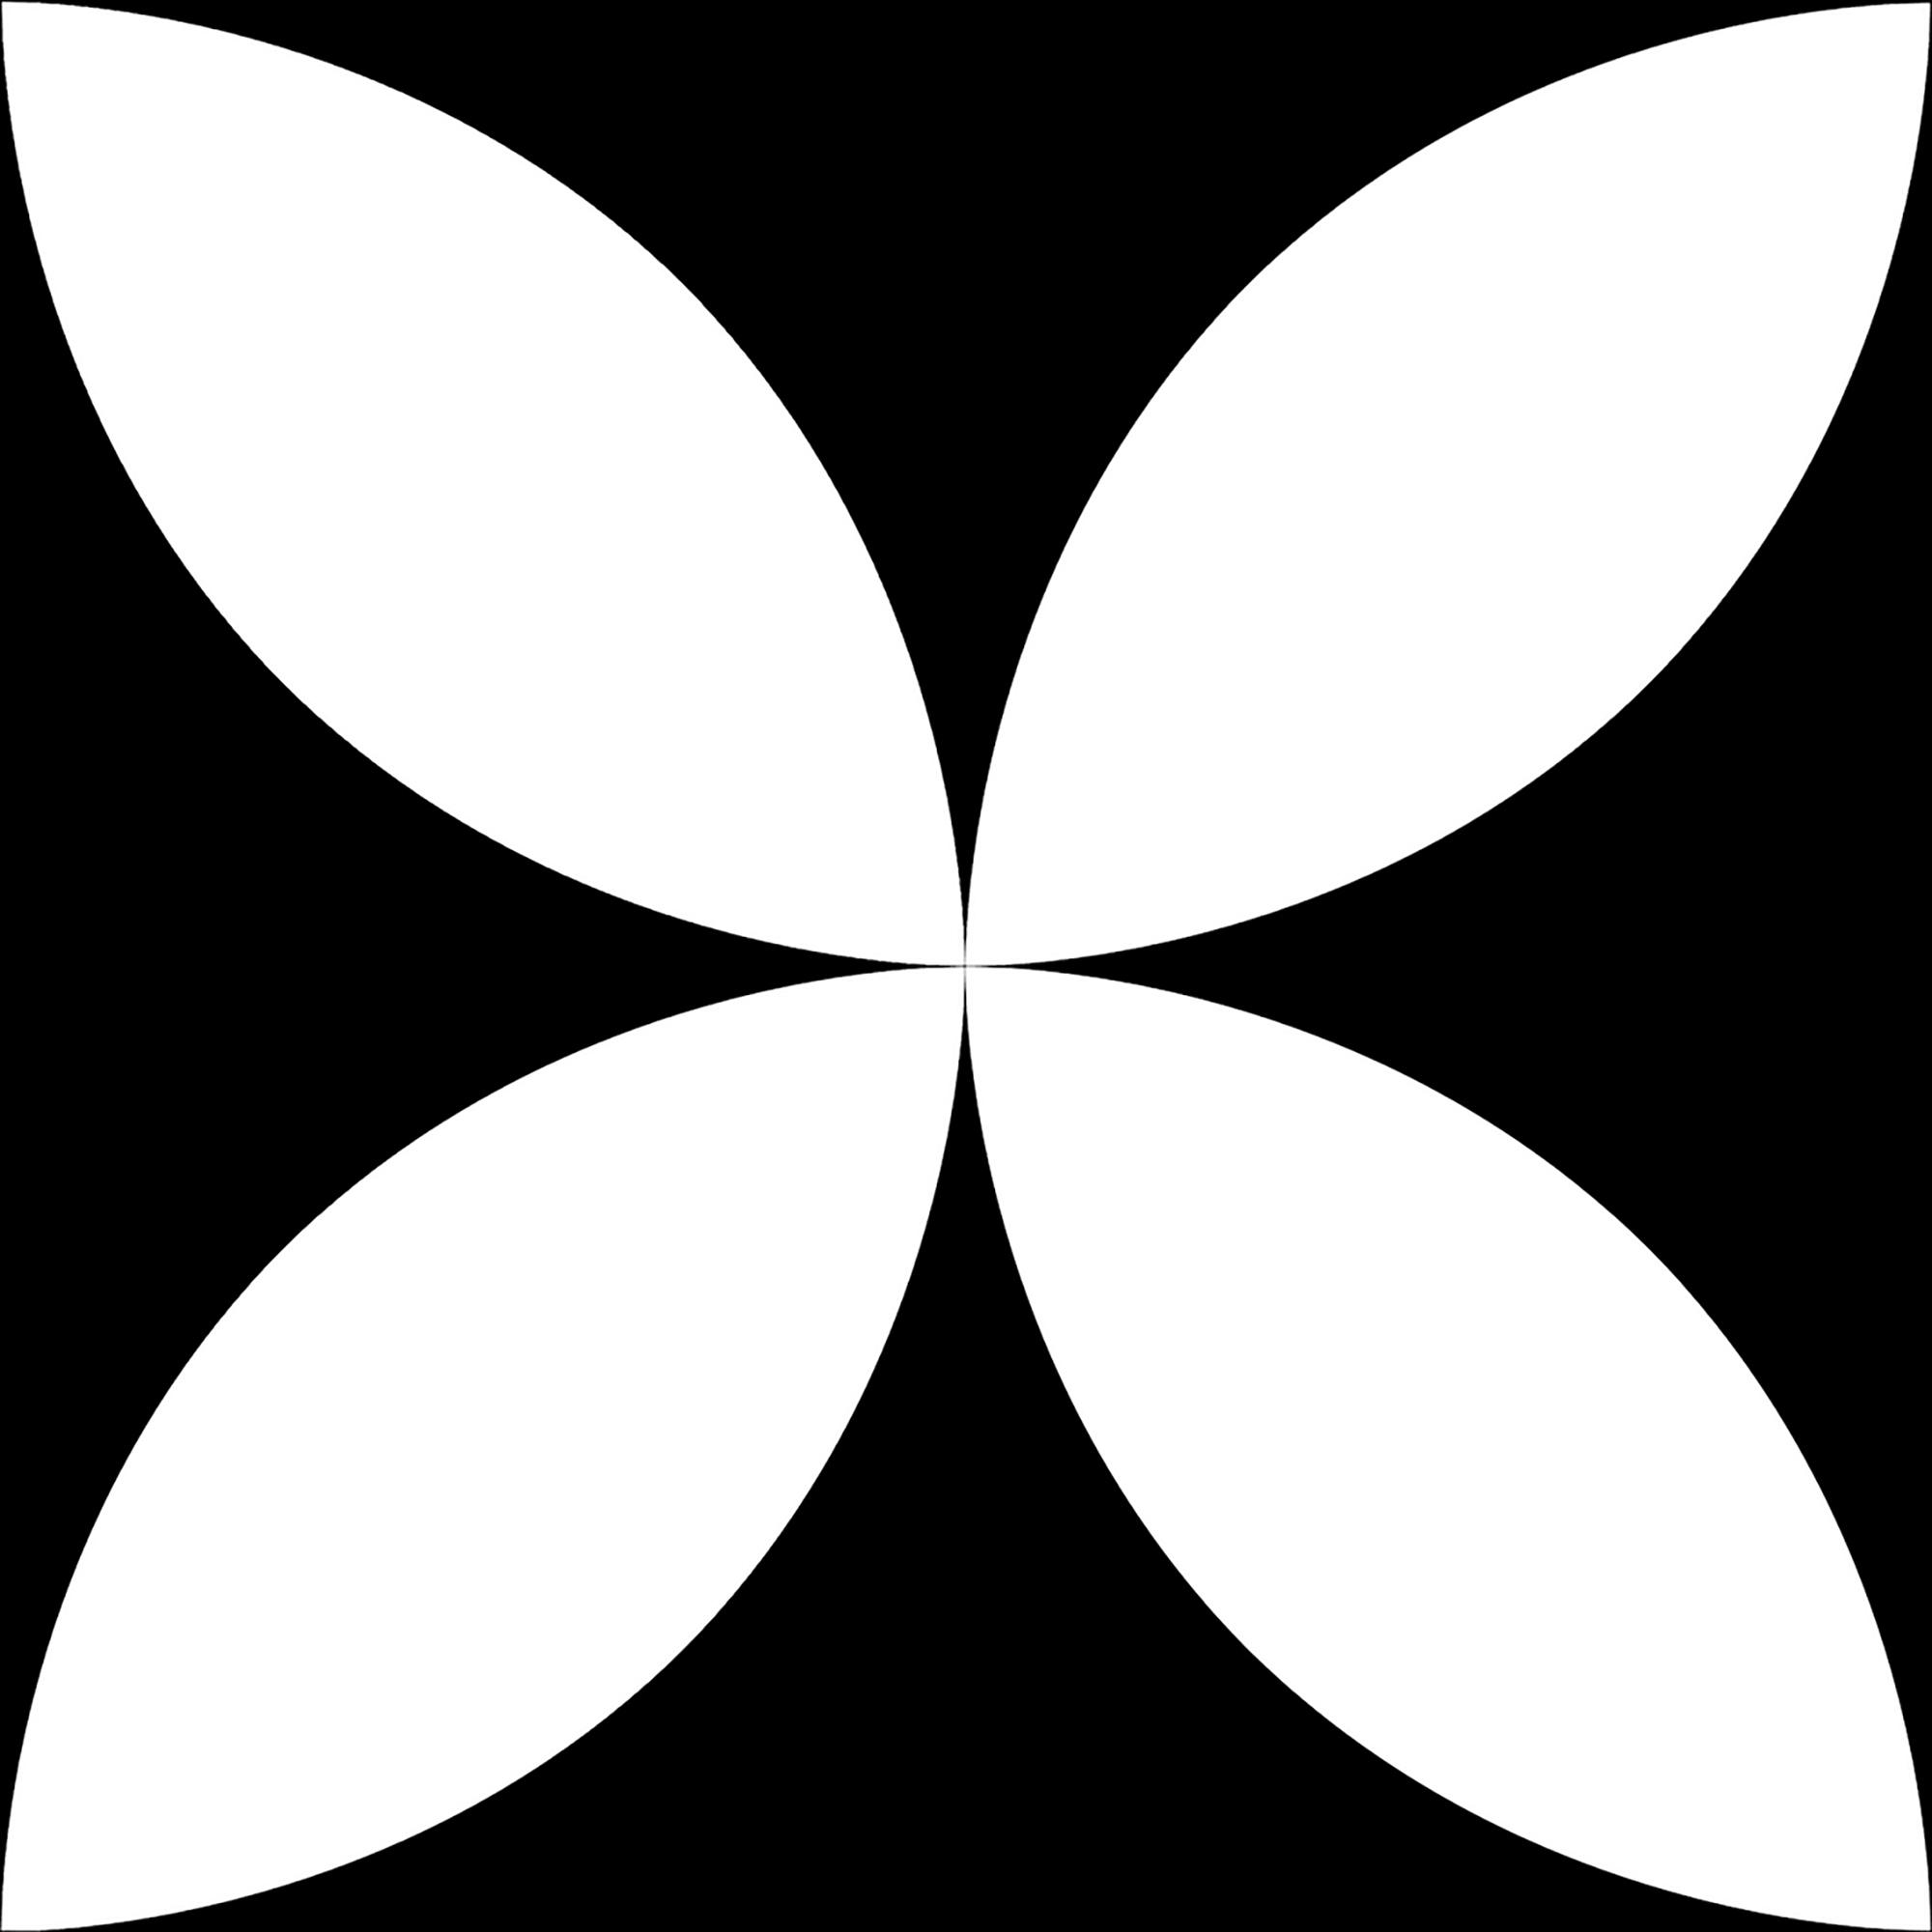 K94845100001VTE0, Retromix, Valkoinen, lattia,pakkasenkesto,uimahalli